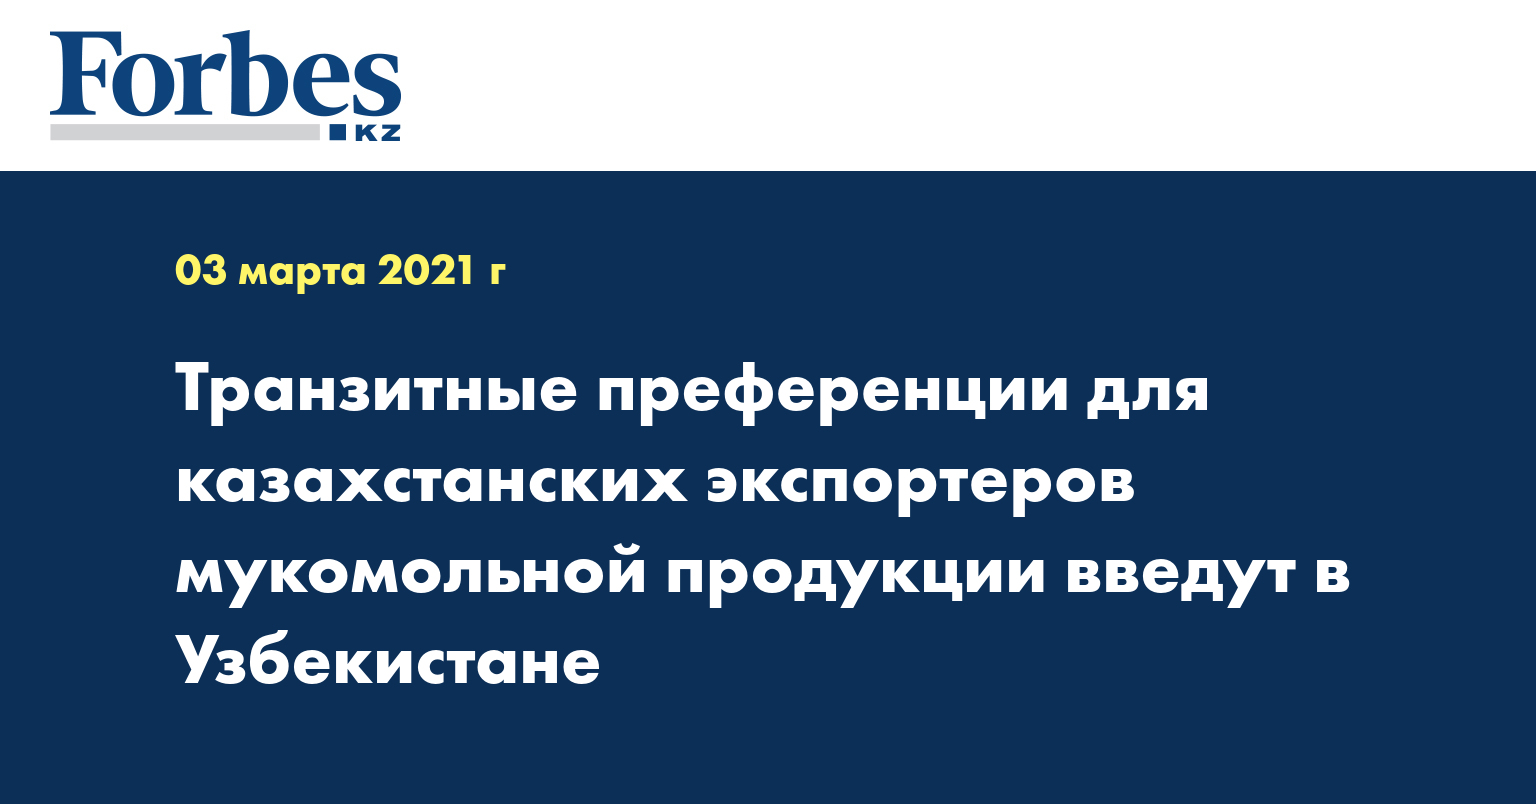 Транзитные преференции для казахстанских экспортеров мукомольной продукции введут в Узбекистане